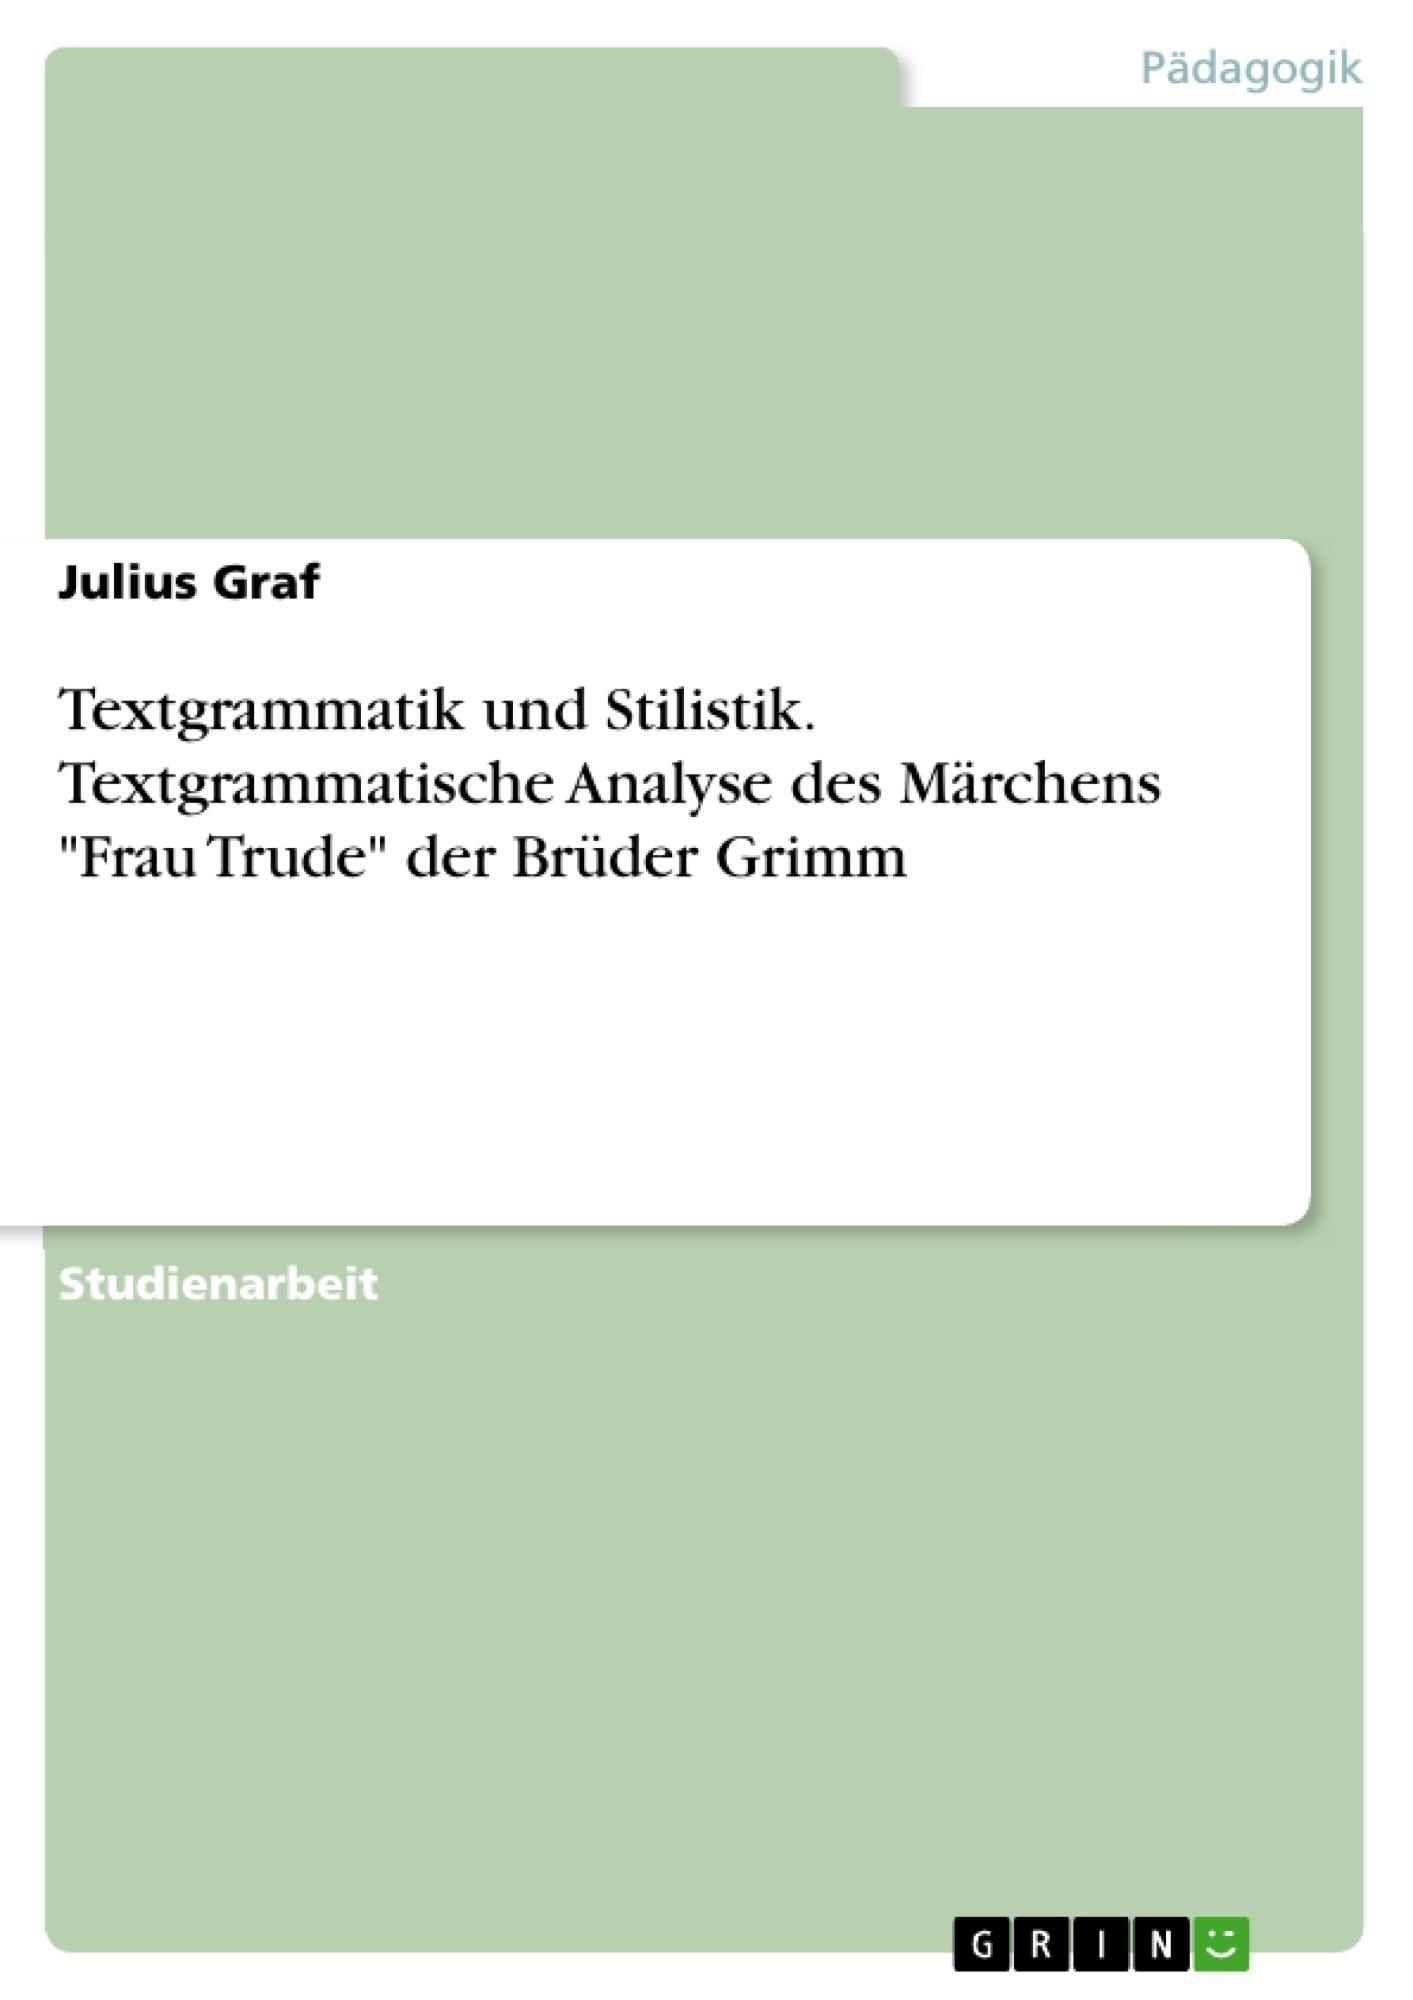 """Titel: Textgrammatik und Stilistik. Textgrammatische Analyse des Märchens """"Frau Trude"""" der Brüder Grimm"""